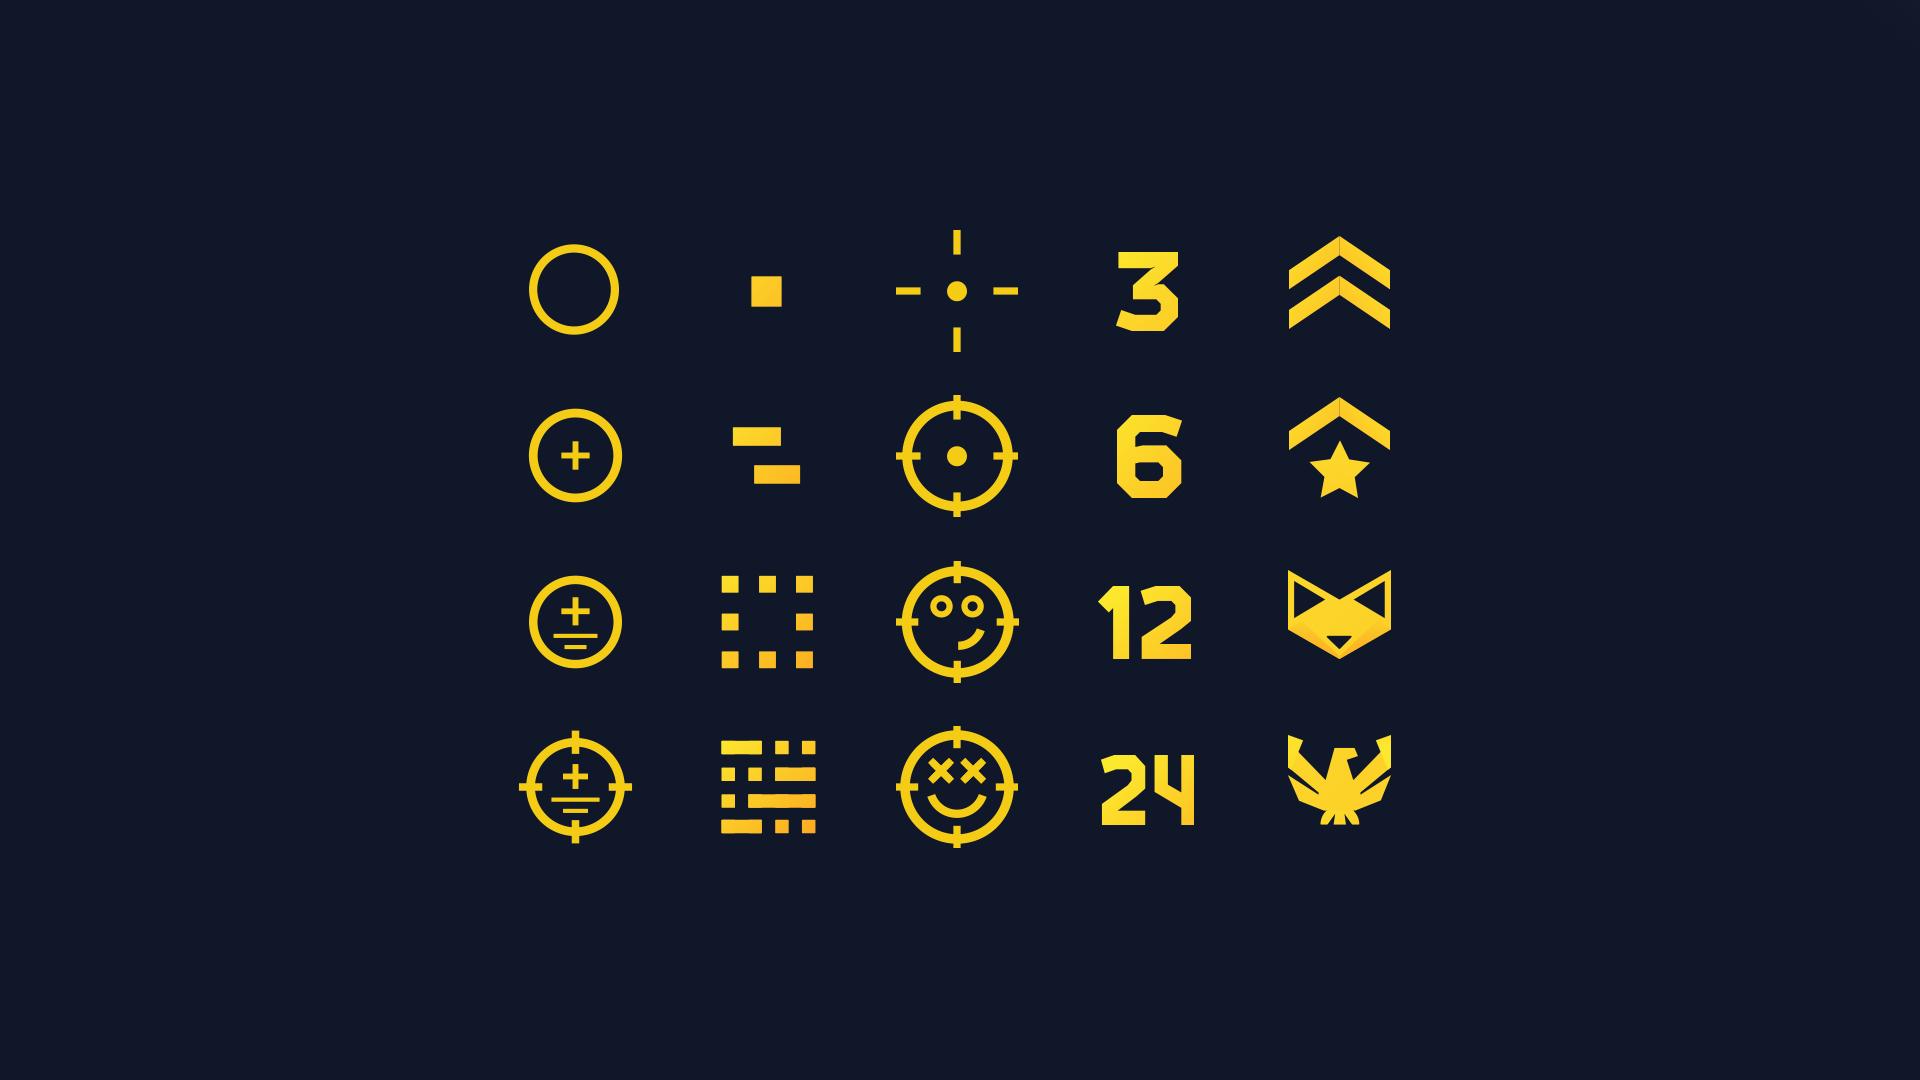 Jericho twitch emoticons